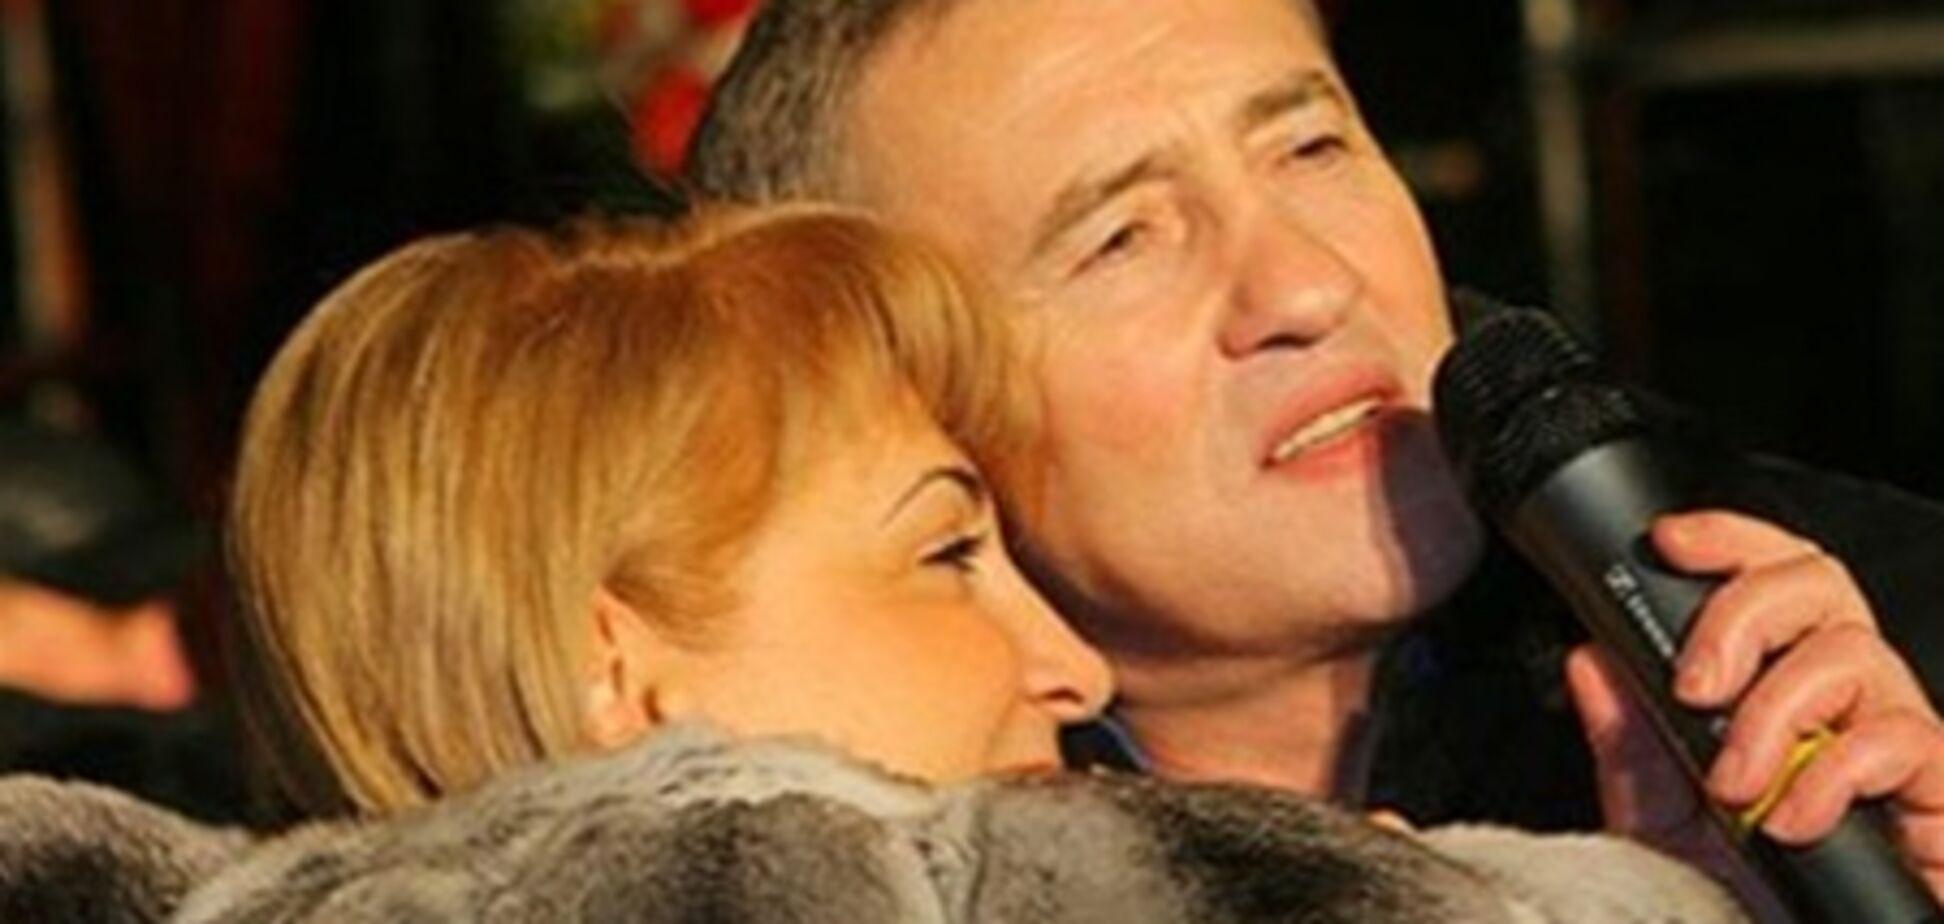 Развод мэра Черновецкого: суд решил примирить супругов